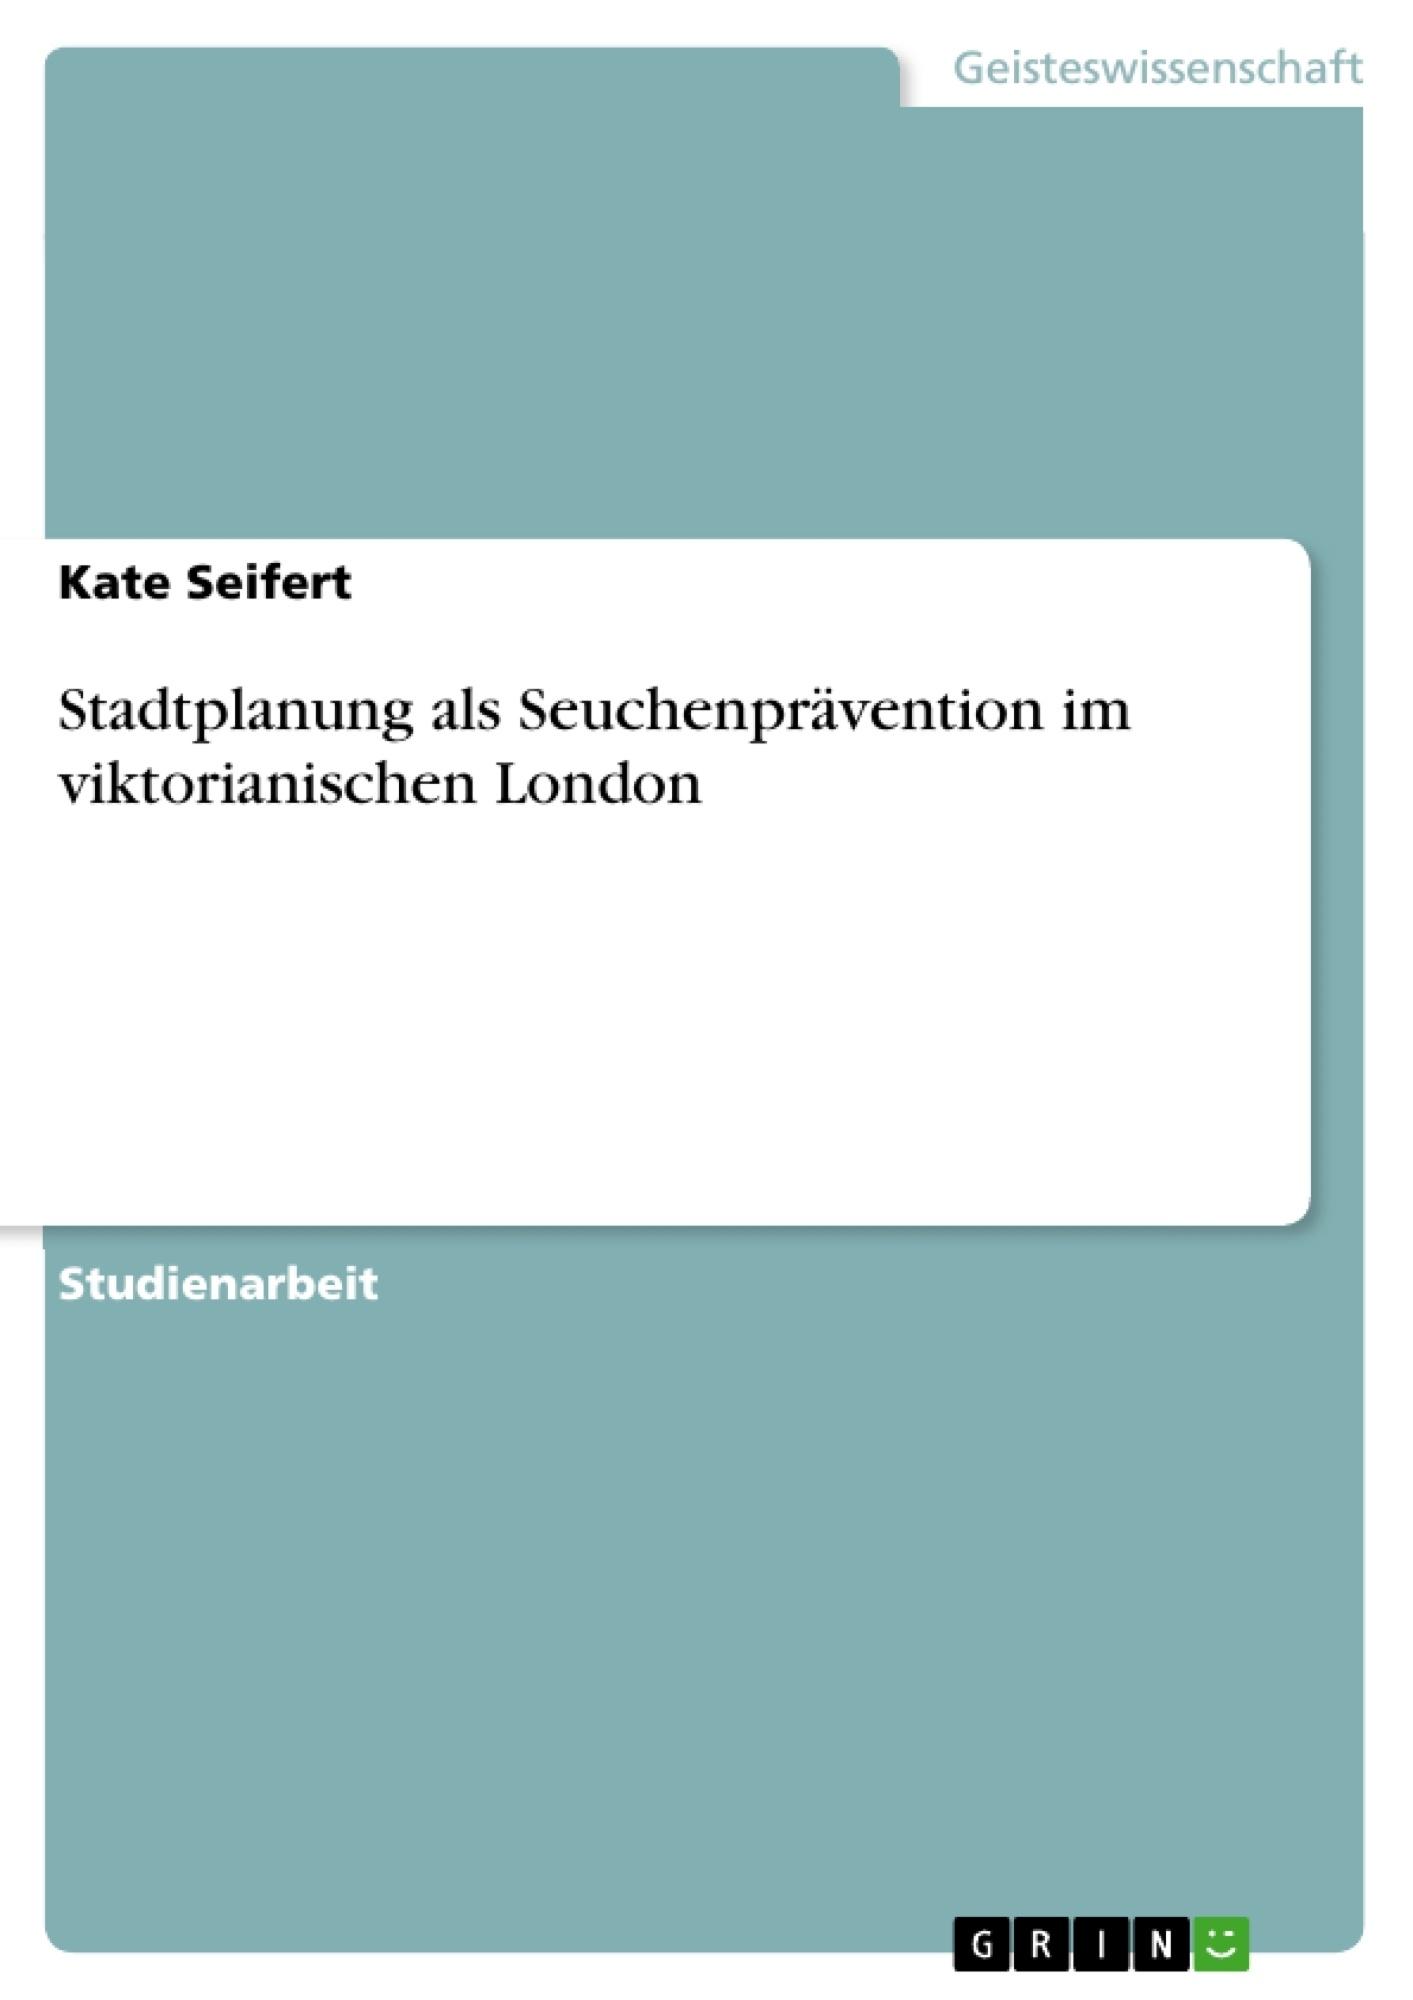 Titel: Stadtplanung als Seuchenprävention im viktorianischen London